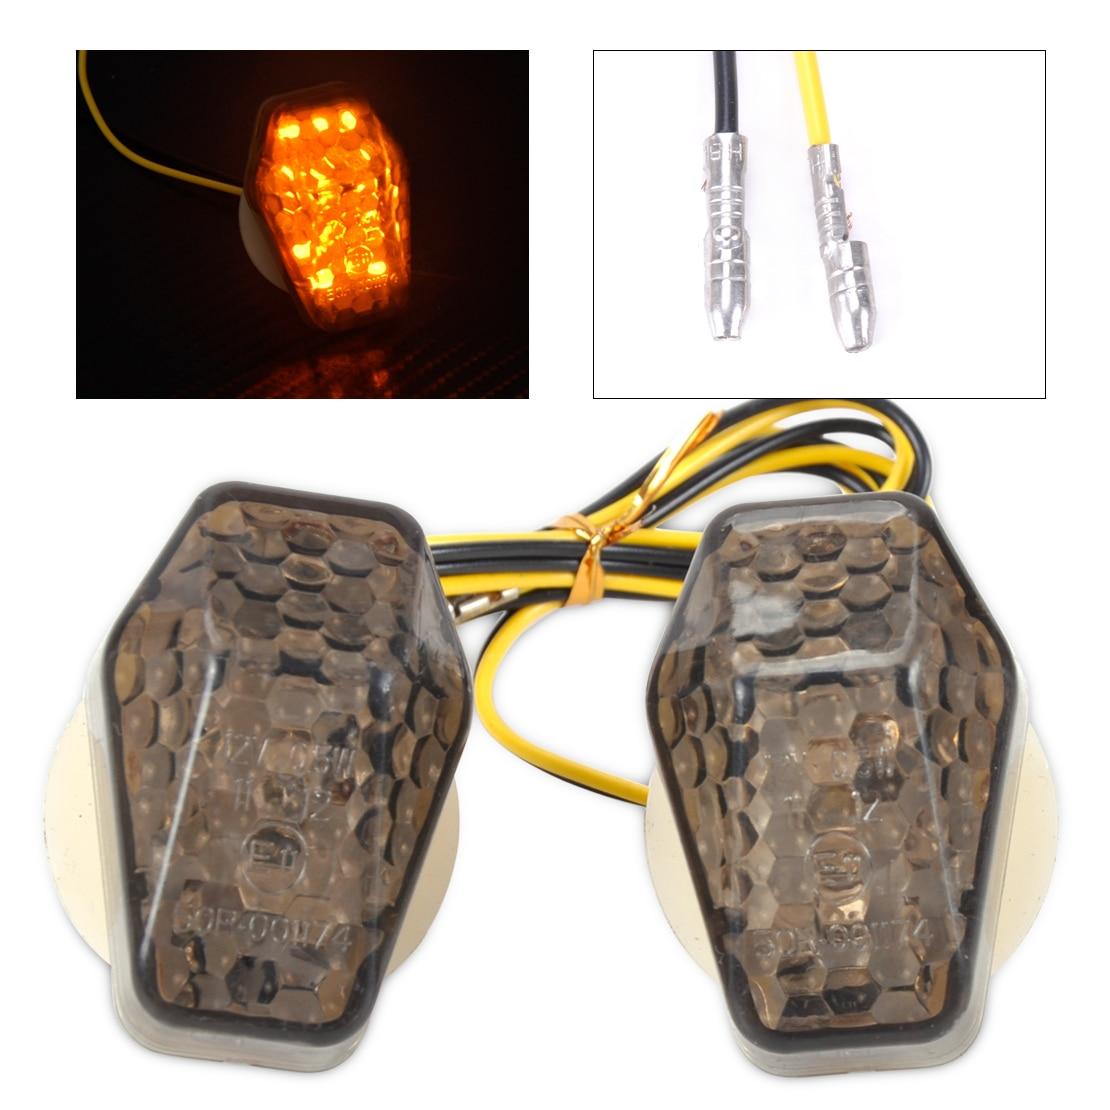 CITALL Custom Smoke LED Flush Mount Turn Signal Blinker Marker For Suzuki GSXR 600 750 1000 SV 650 650S 1000 1000S Bandit 600S